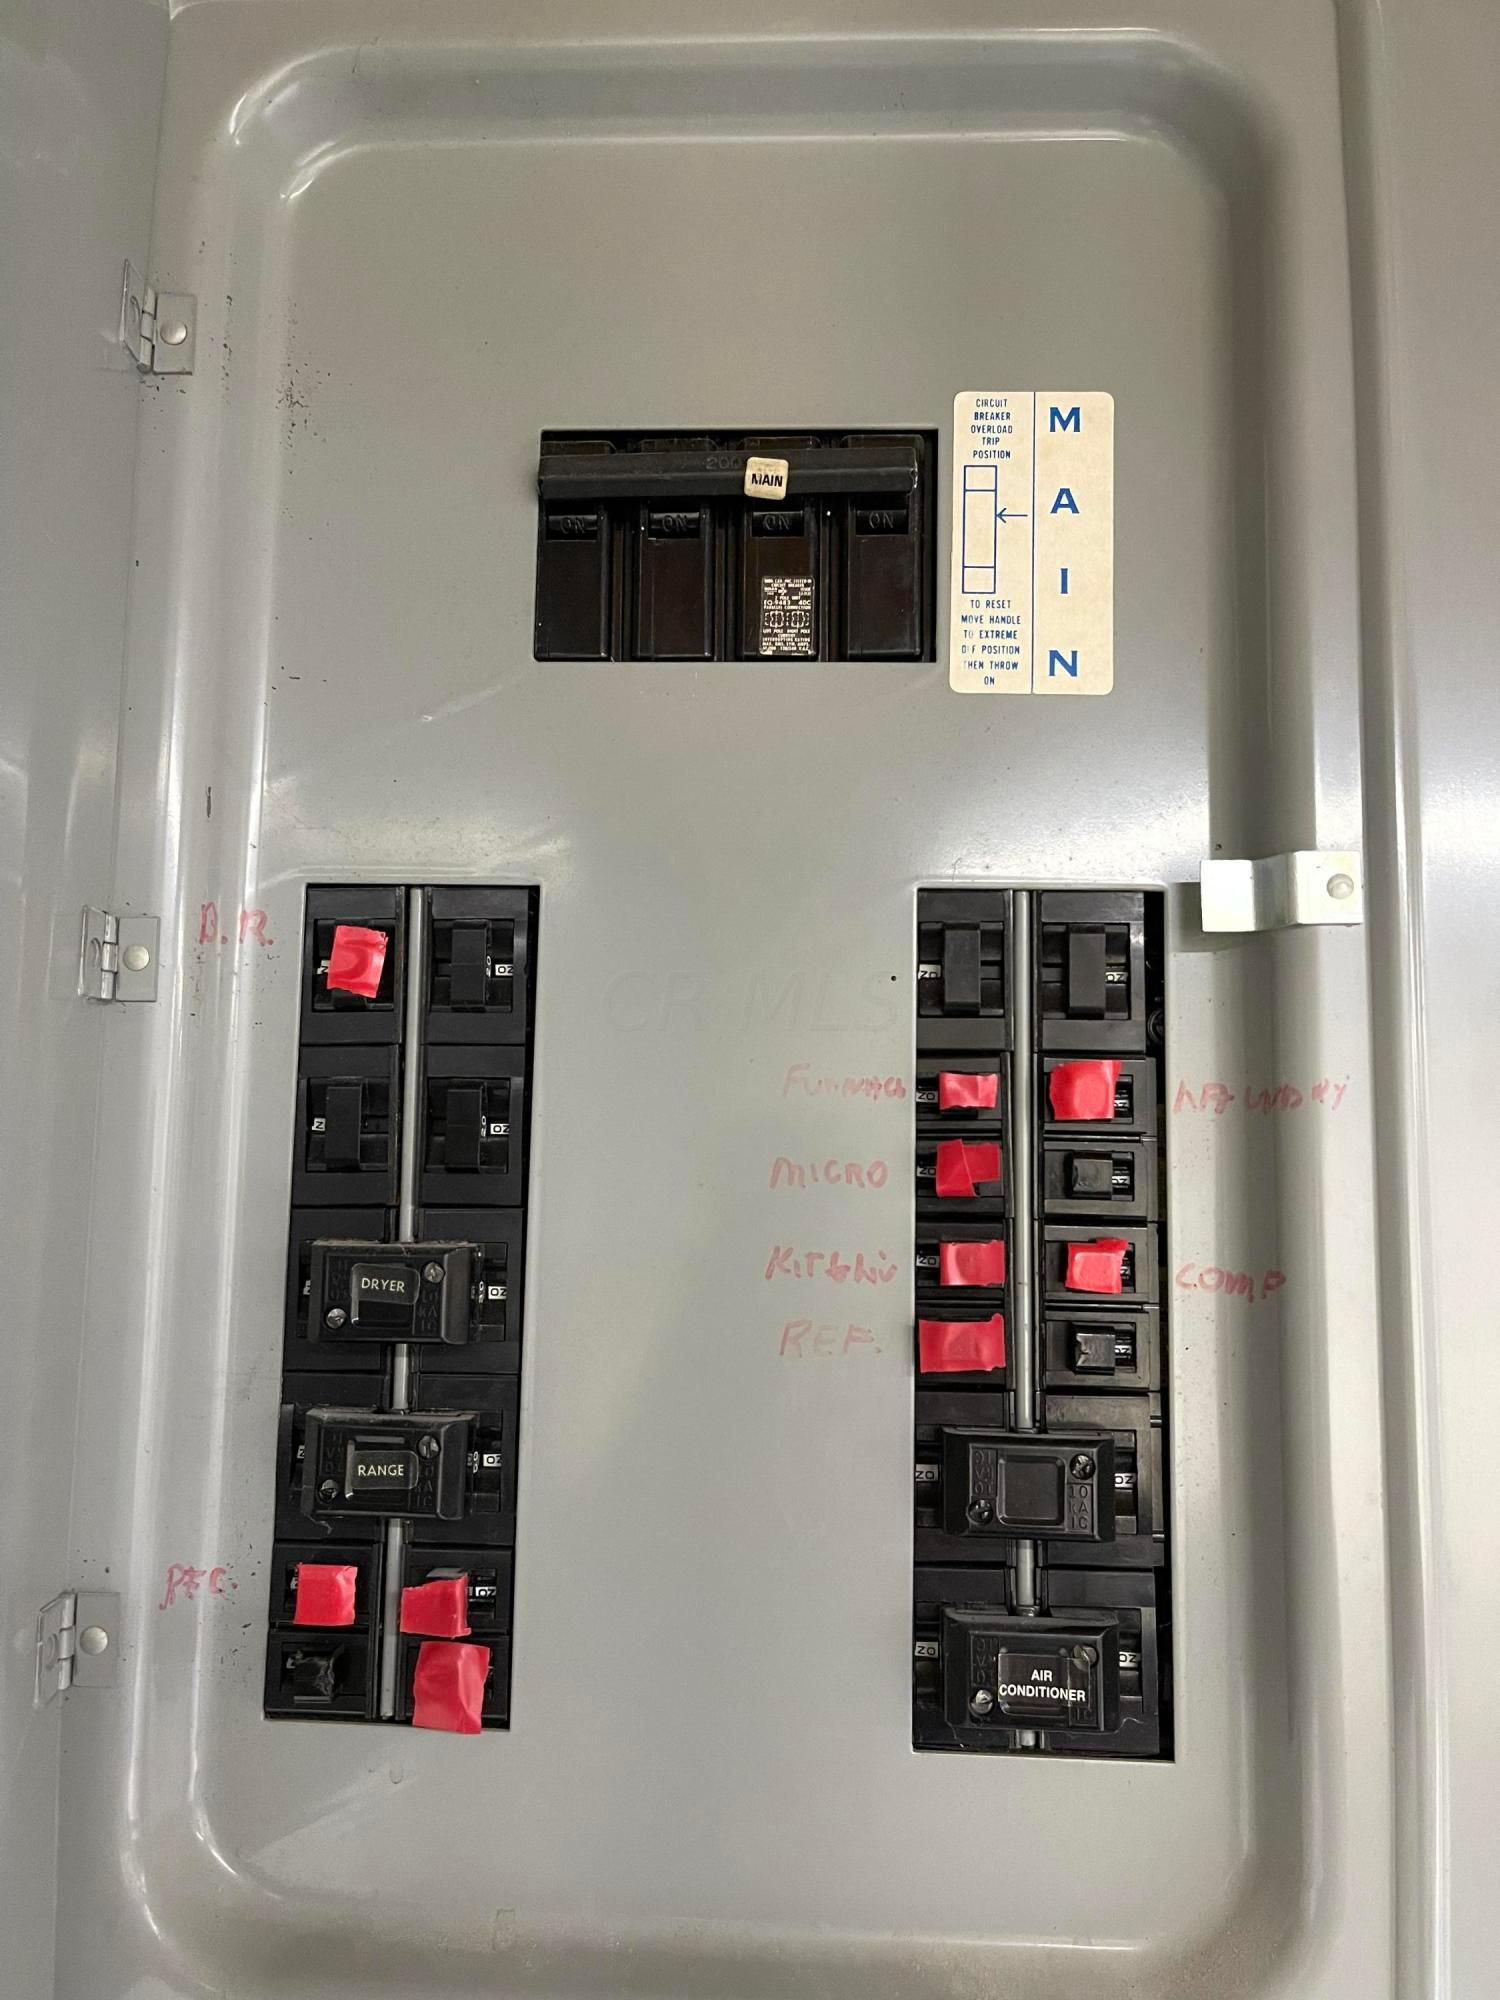 BA34D5BF-B4A7-4A0B-B159-CCA977FB0A7B